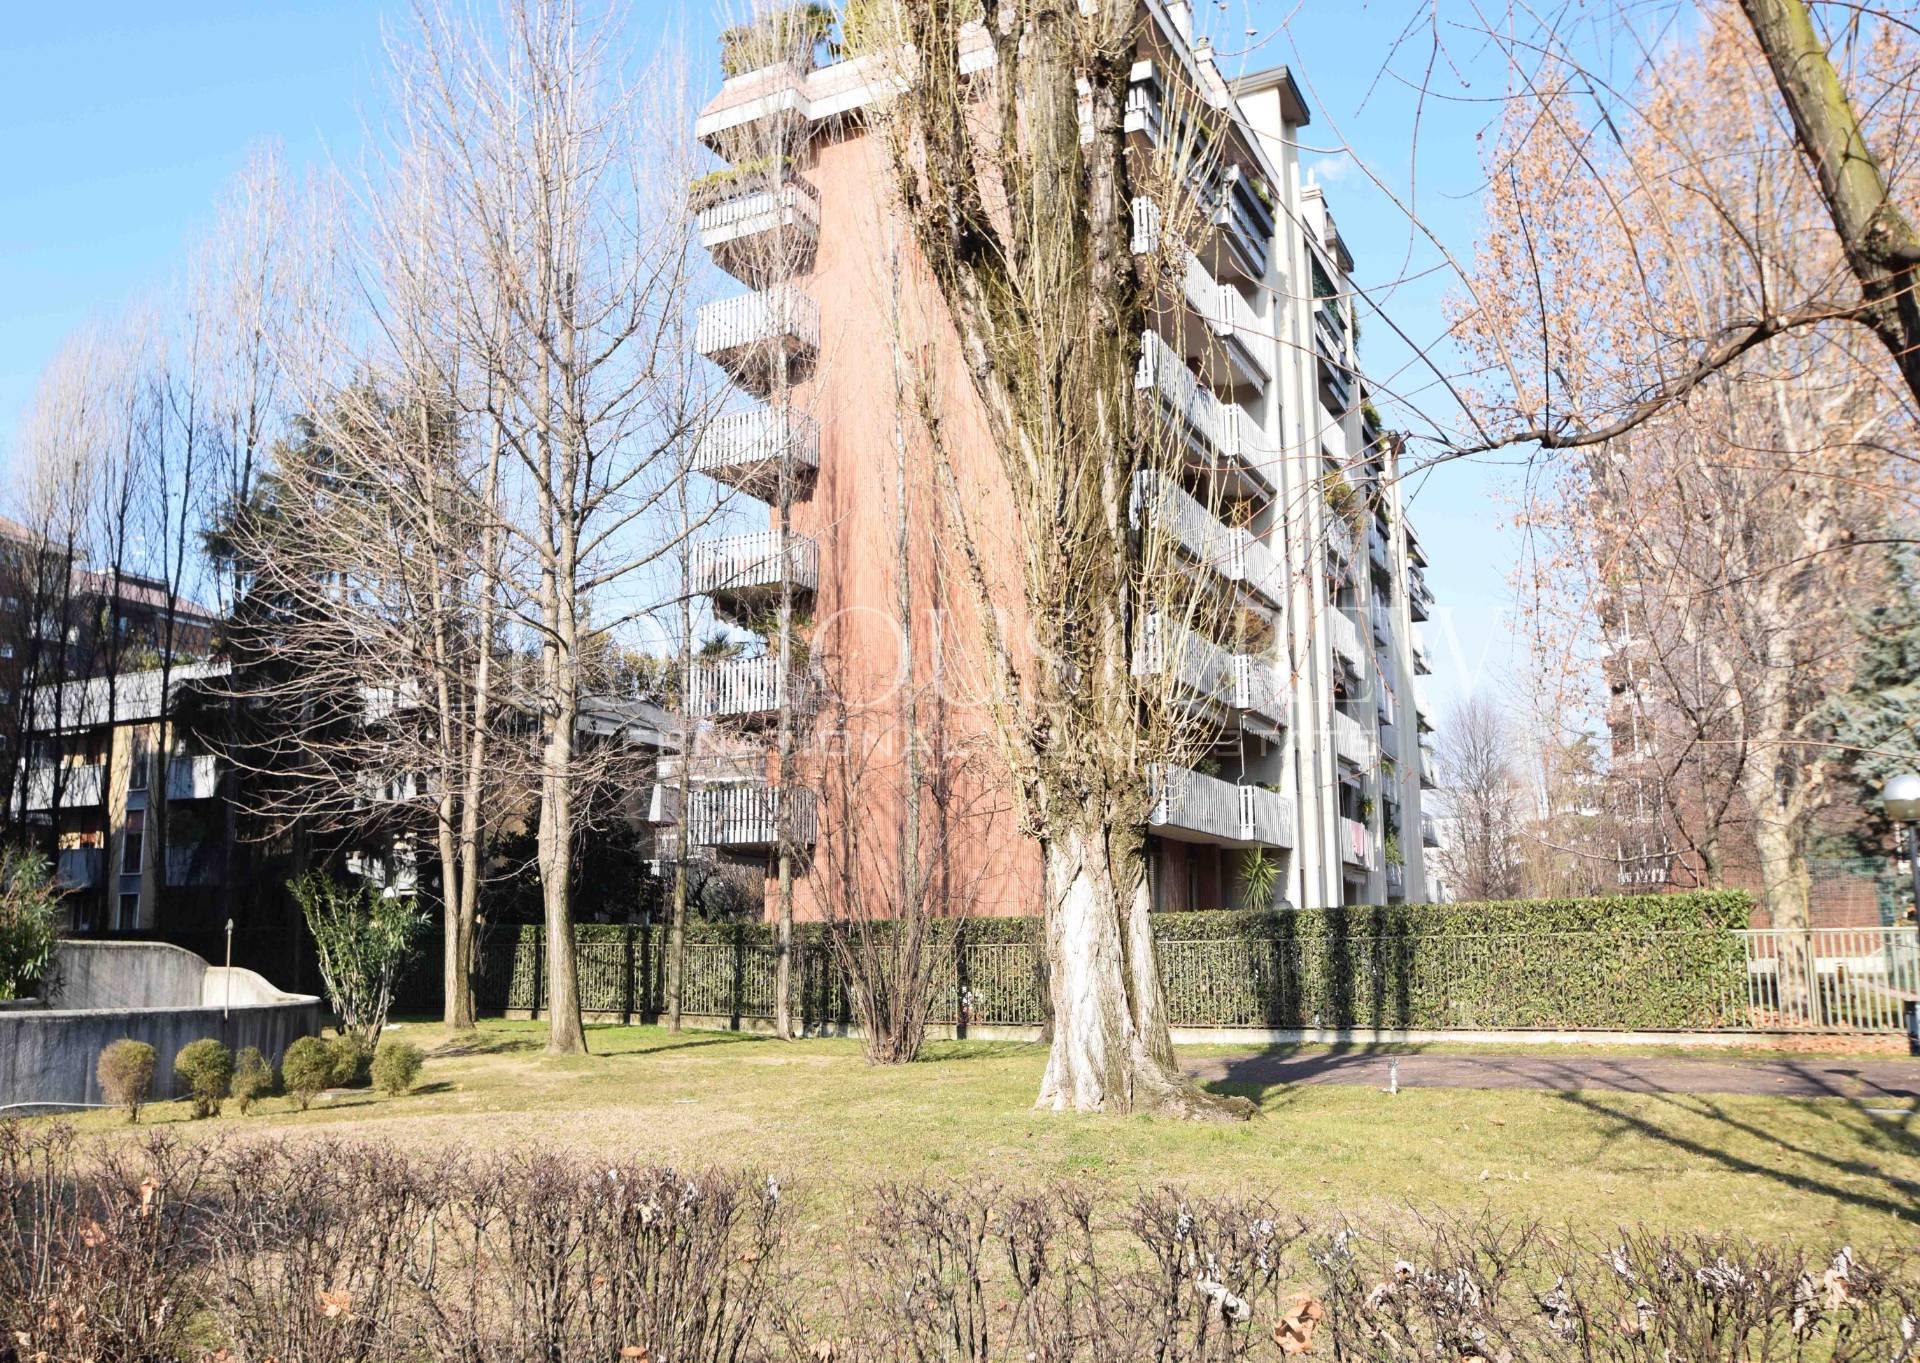 Ufficio-studio in Vendita a Milano 25 Cassala / Famagosta / Lorenteggio / Barona: 1 locali, 28 mq